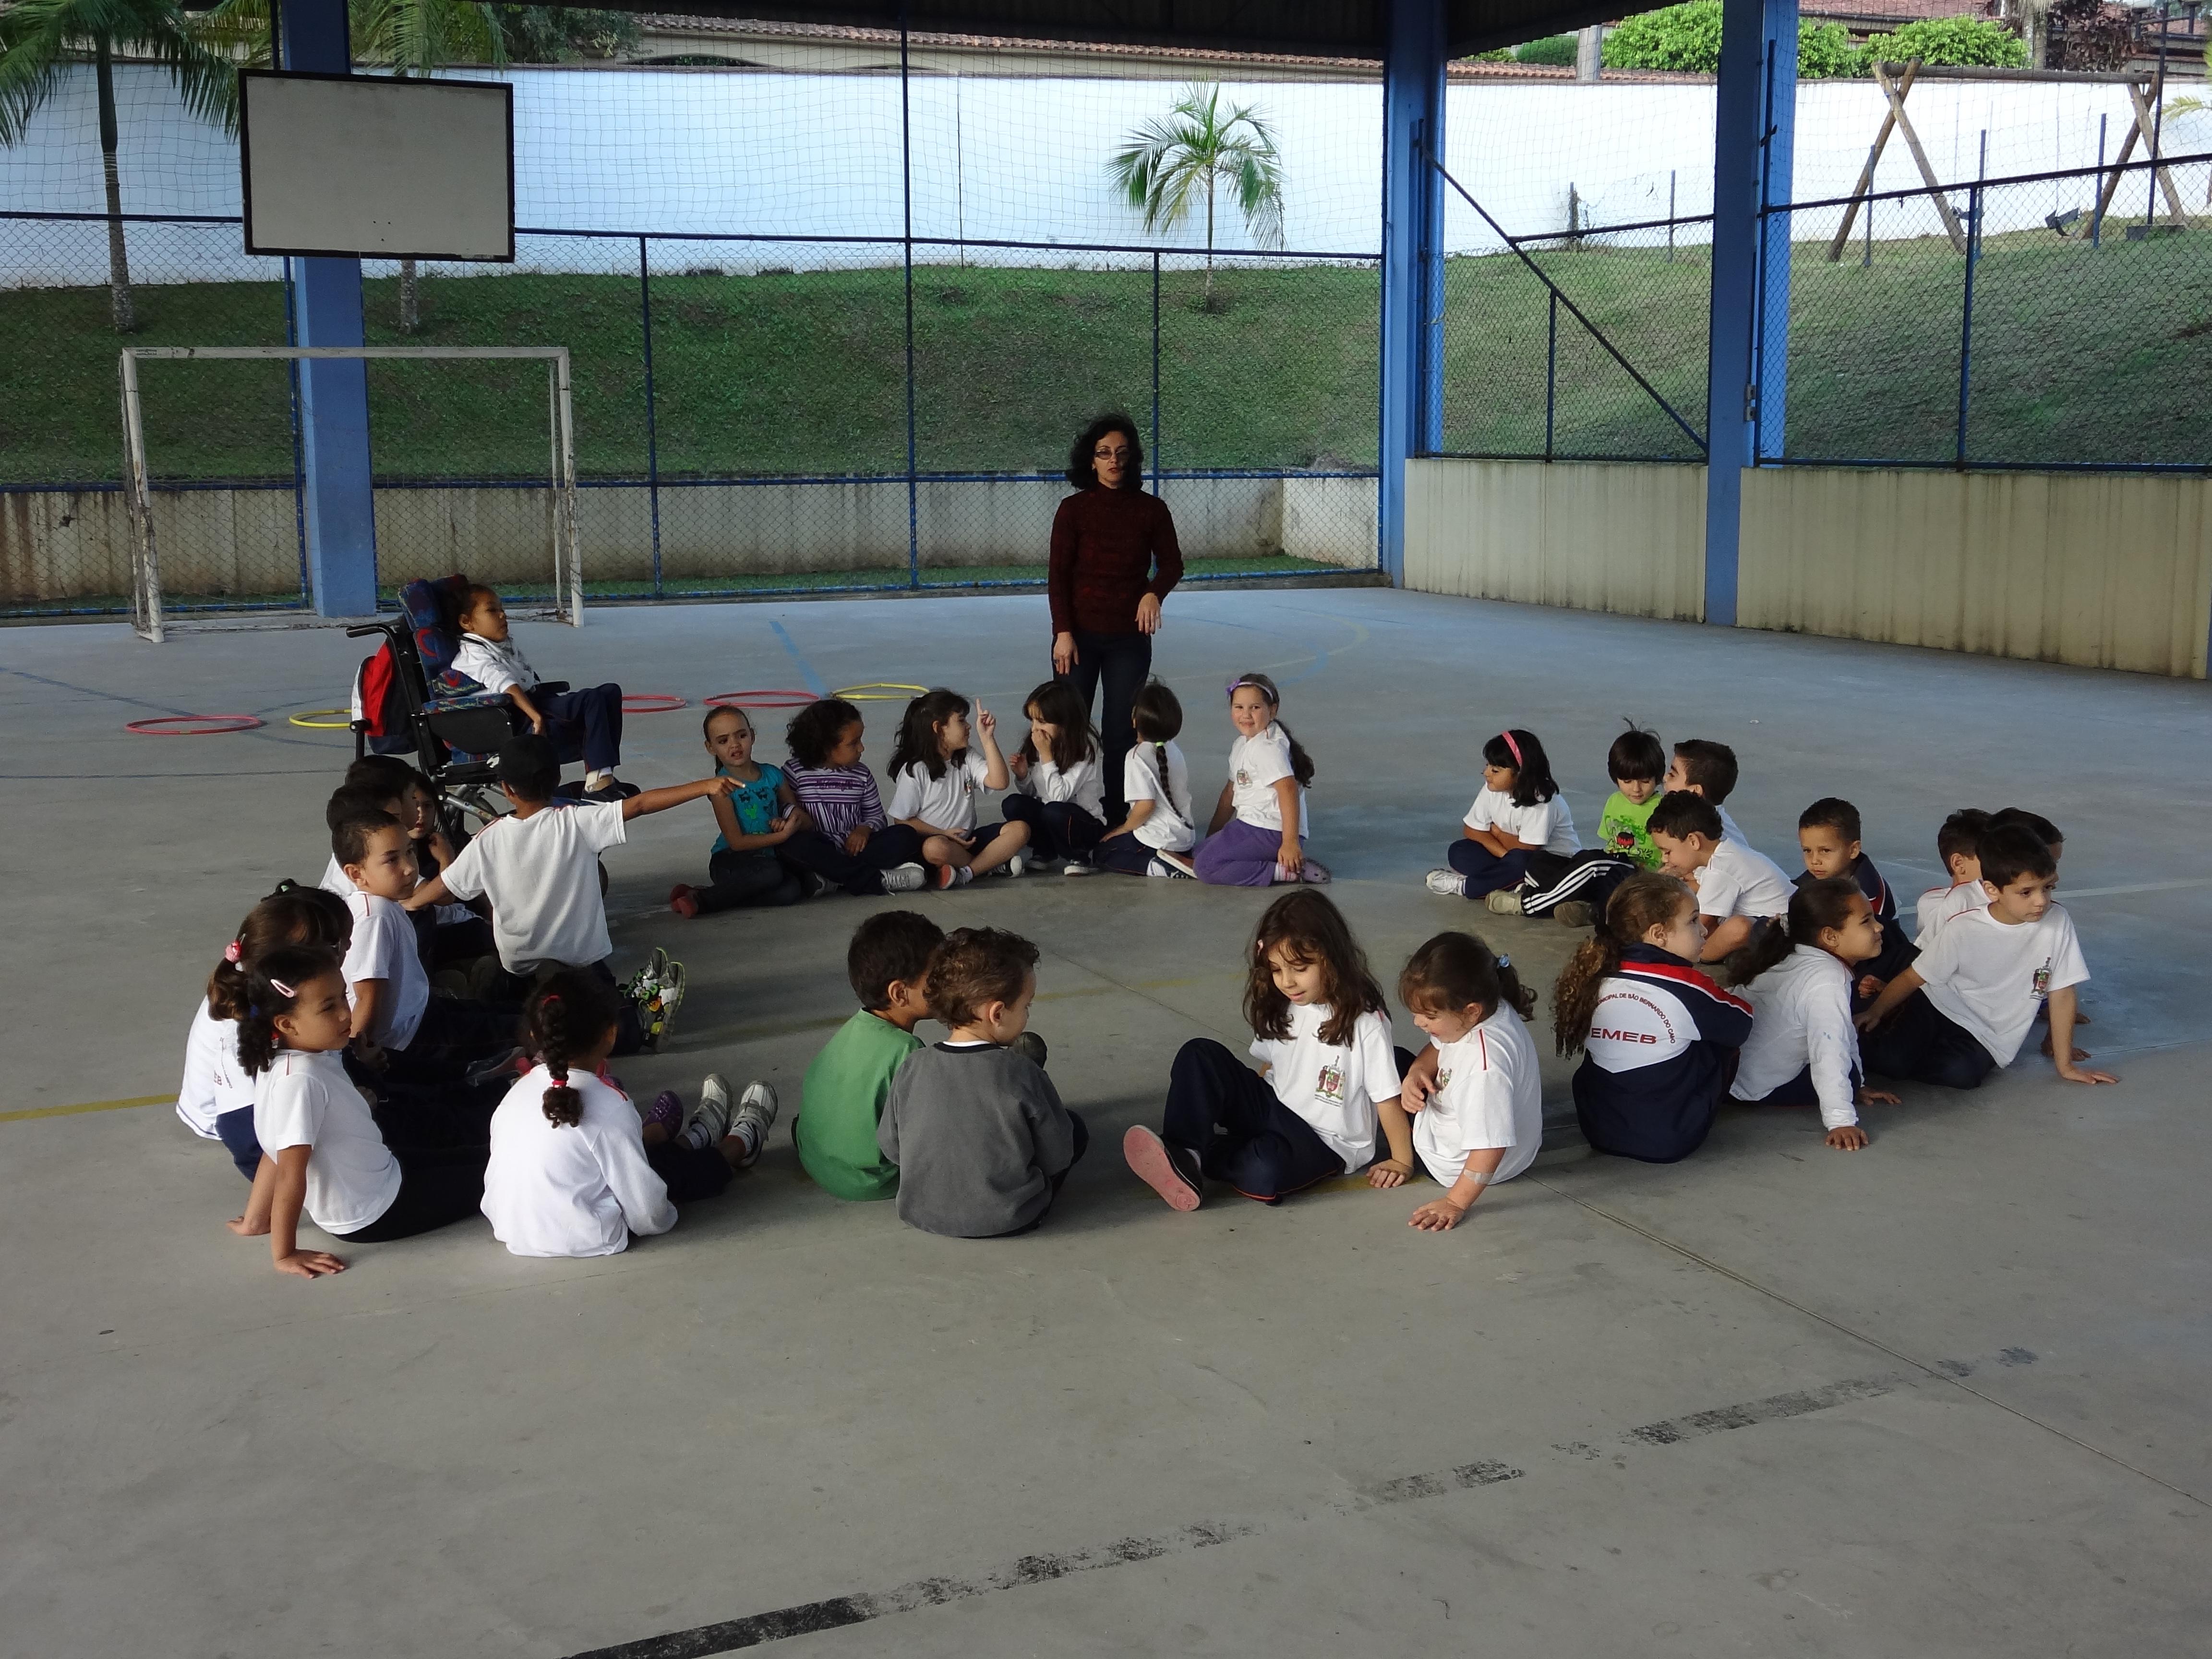 Crianças com e sem deficiência estão sentadas em roda e a professora está em pé, próxima ao grupo. Eles estão em uma quadra poliesportiva coberta e cercada por grades.